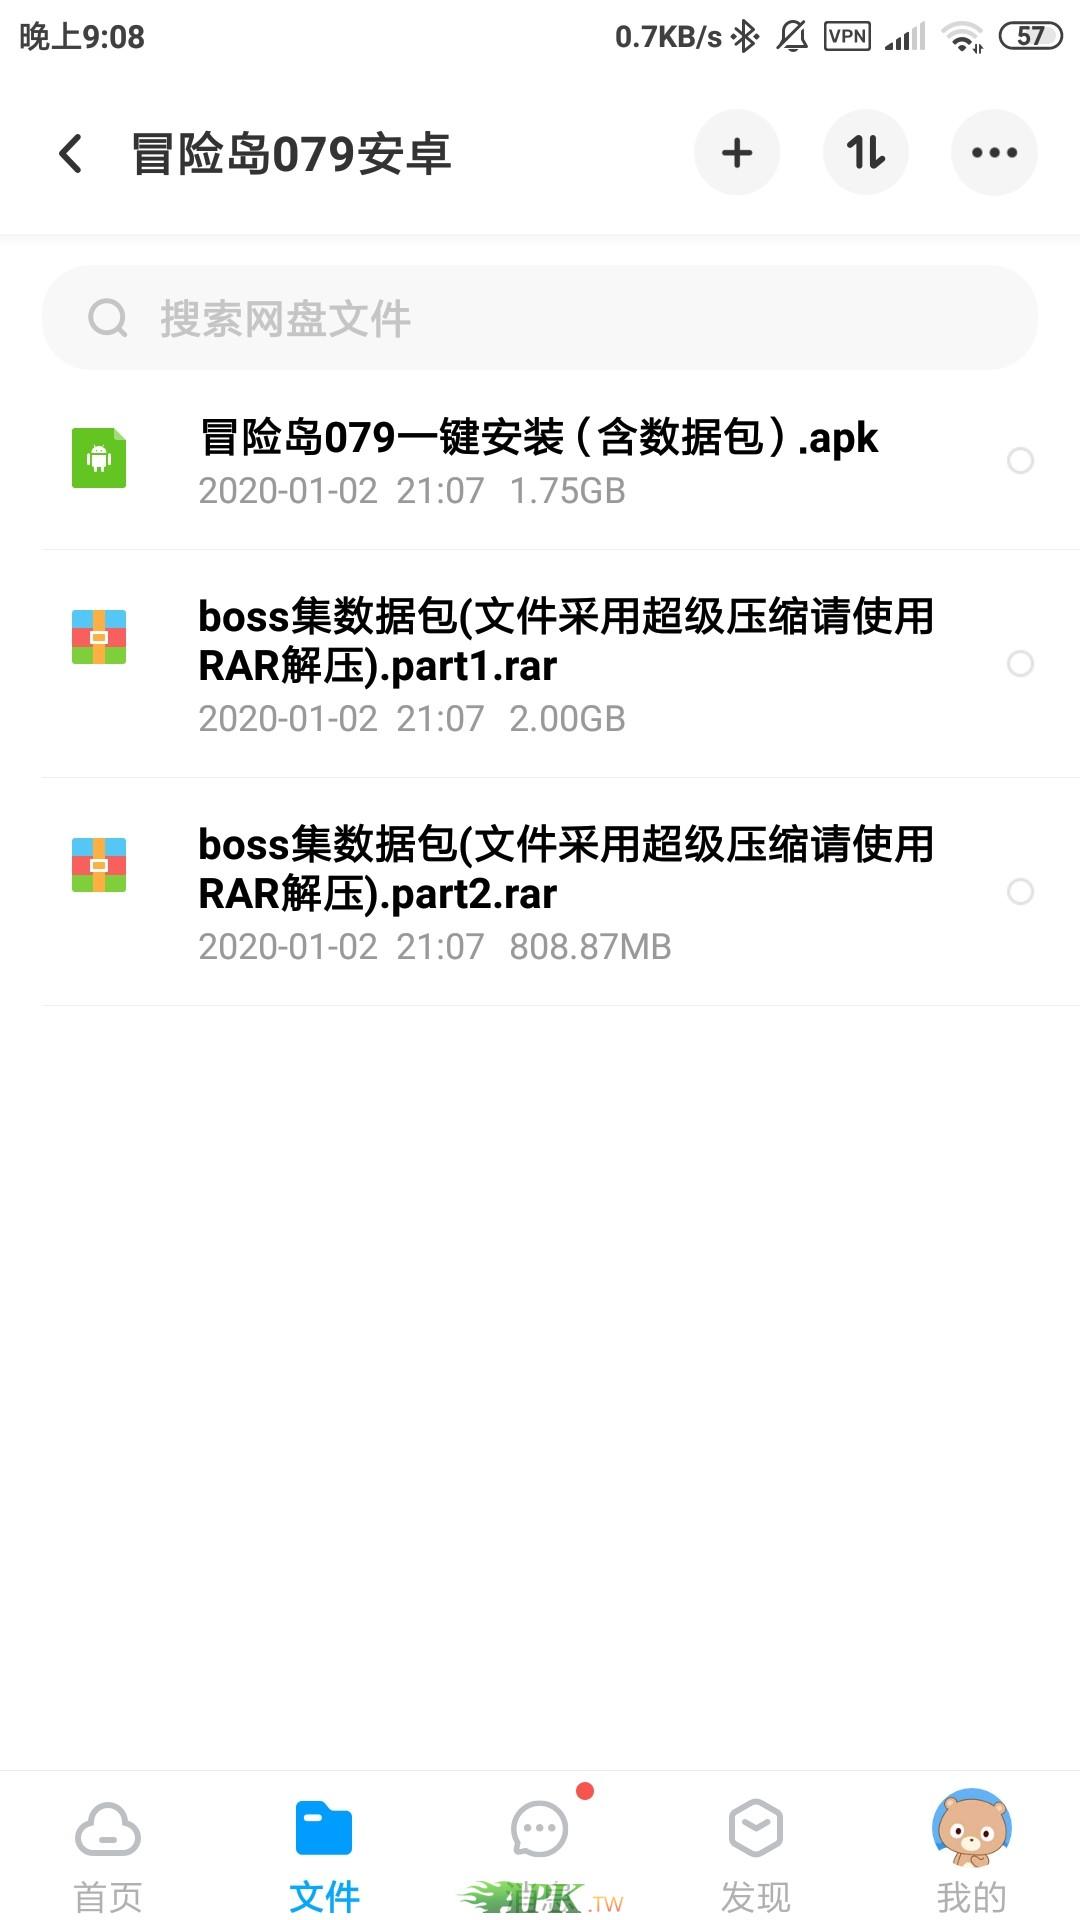 Screenshot_2020-01-02-21-08-04-575_com.baidu.netdisk.jpg